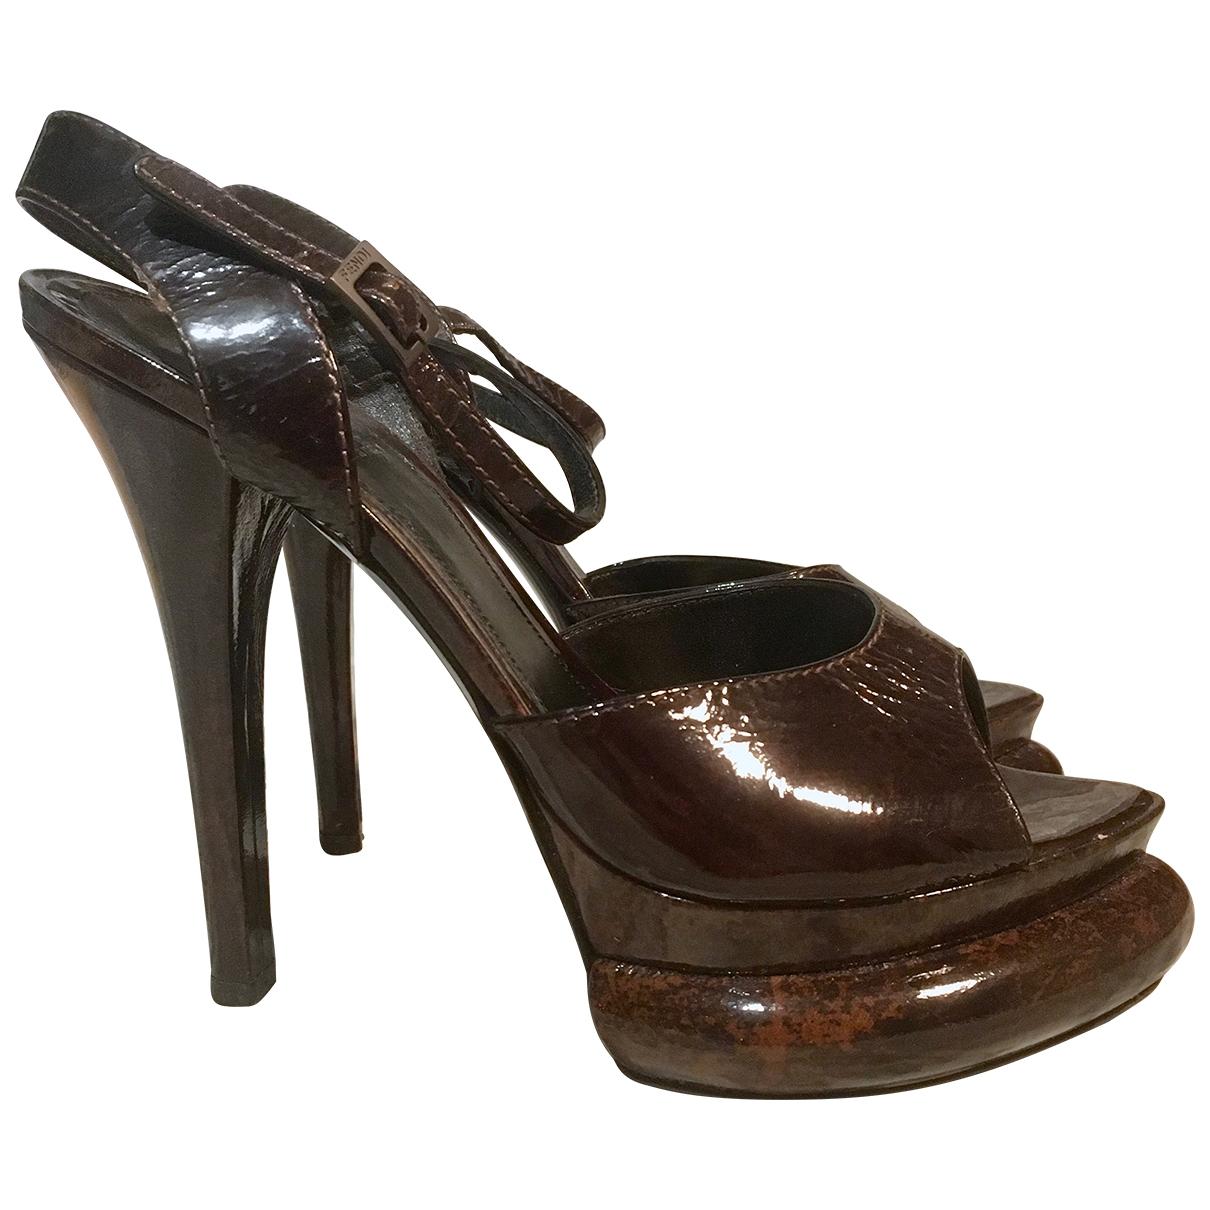 Fendi - Sandales   pour femme en cuir verni - marron